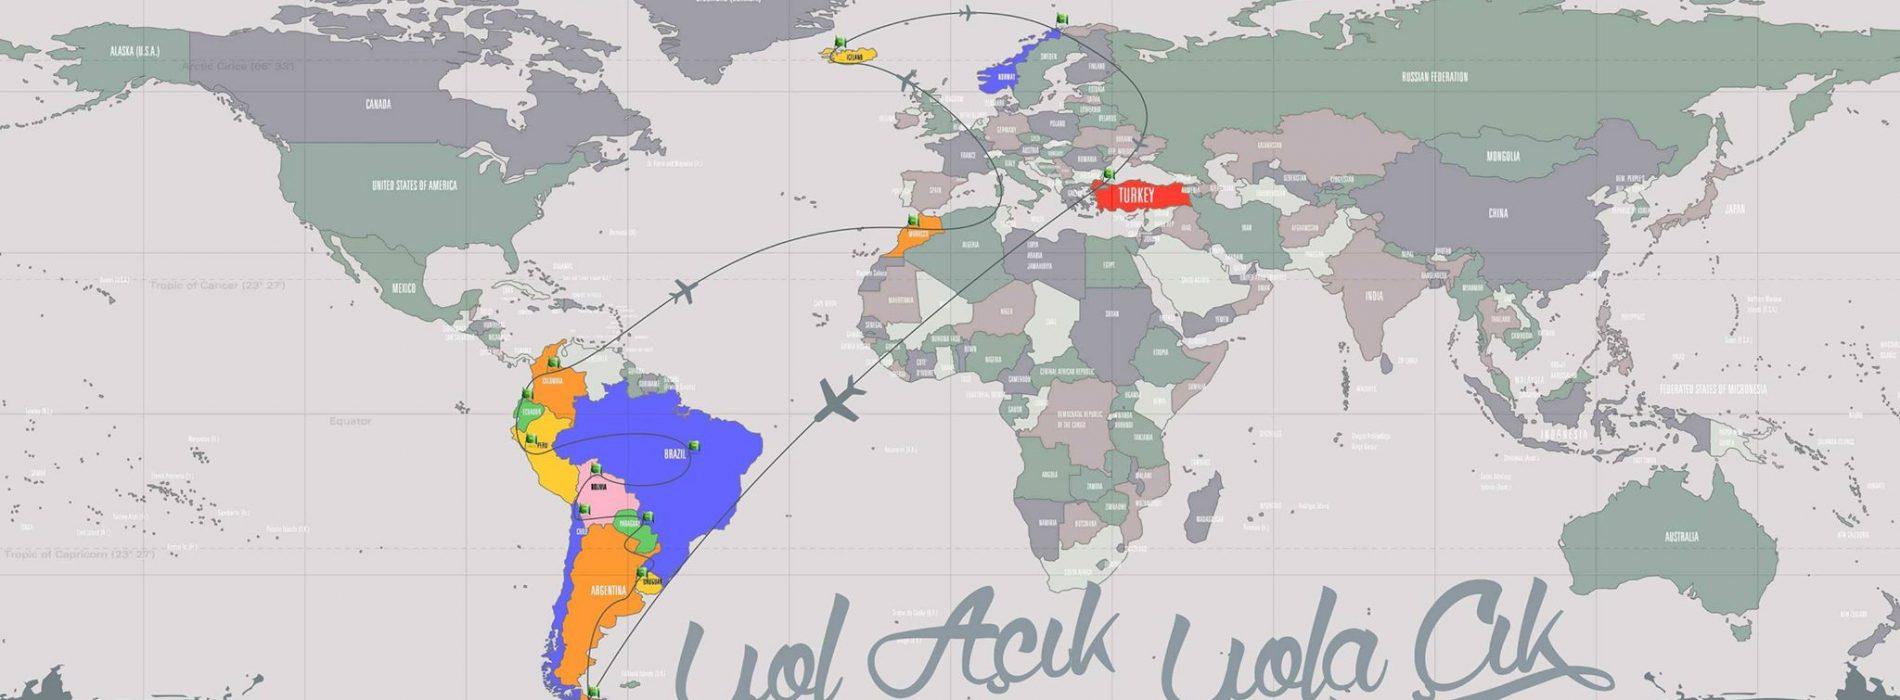 Duvar Kağıdı Boyutunda Dünya Haritaları